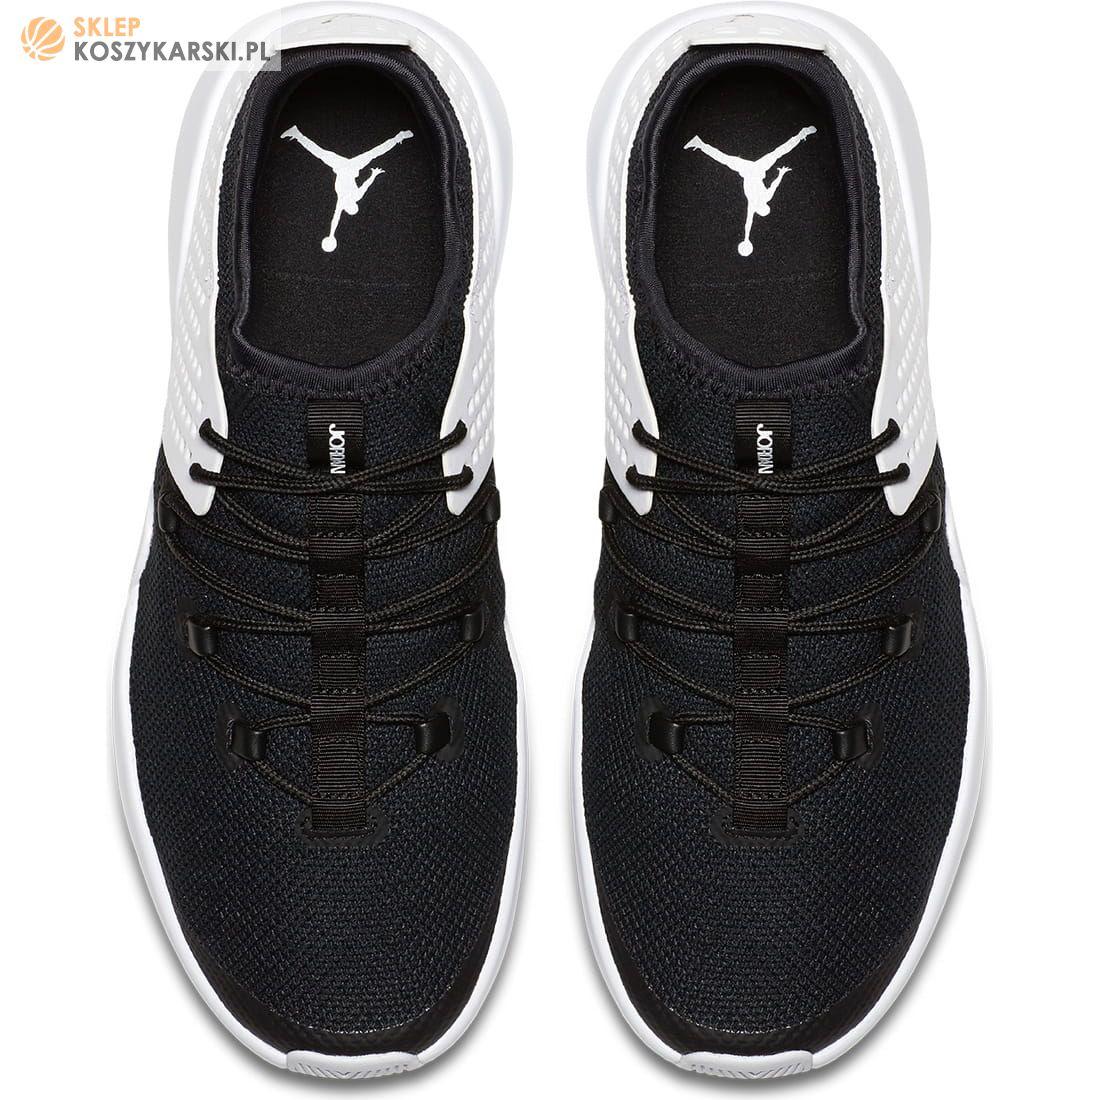 Buty do koszykówki Jordan Express (897988 010)